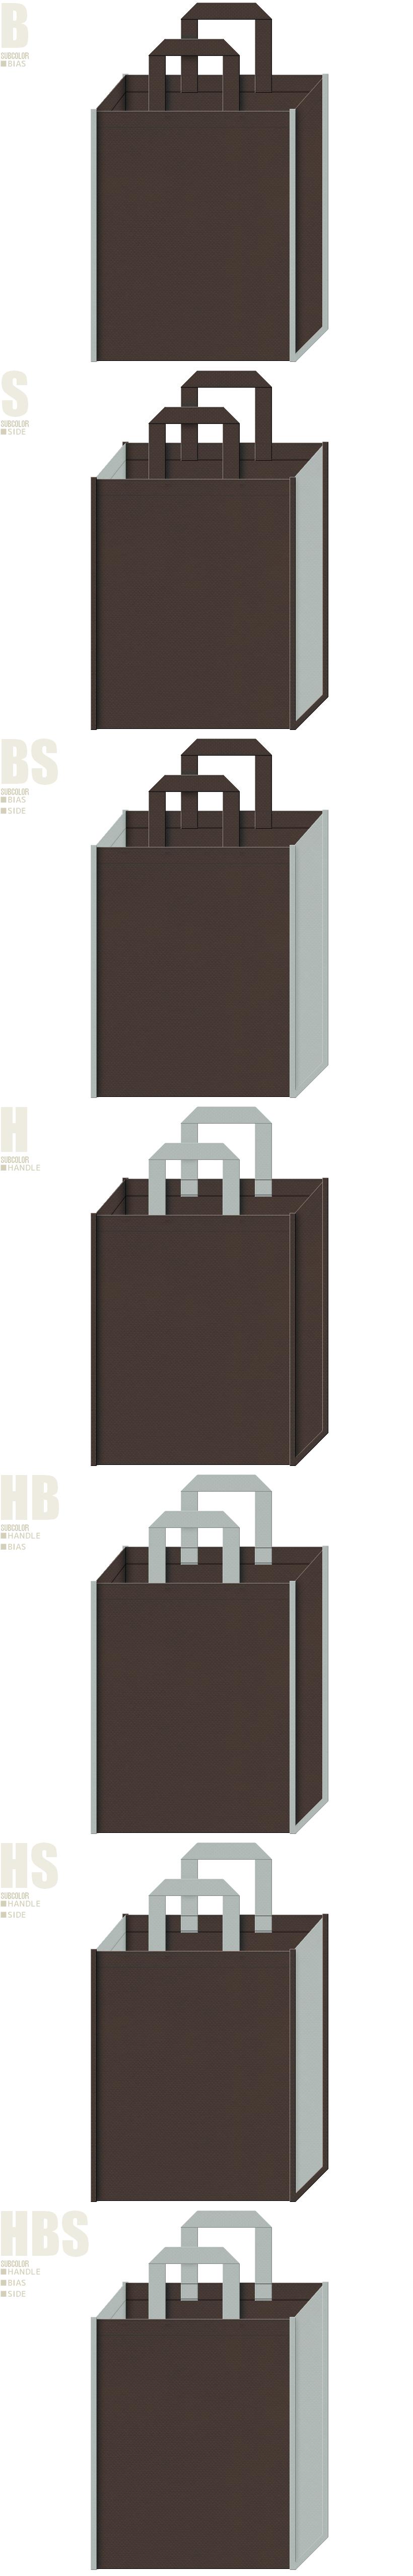 建築・設計・オフィスビルデベロッパーの説明会資料配布用、図面バッグにお奨めです。こげ茶色とグレー色、7パターンの不織布トートバッグ配色デザイン例。